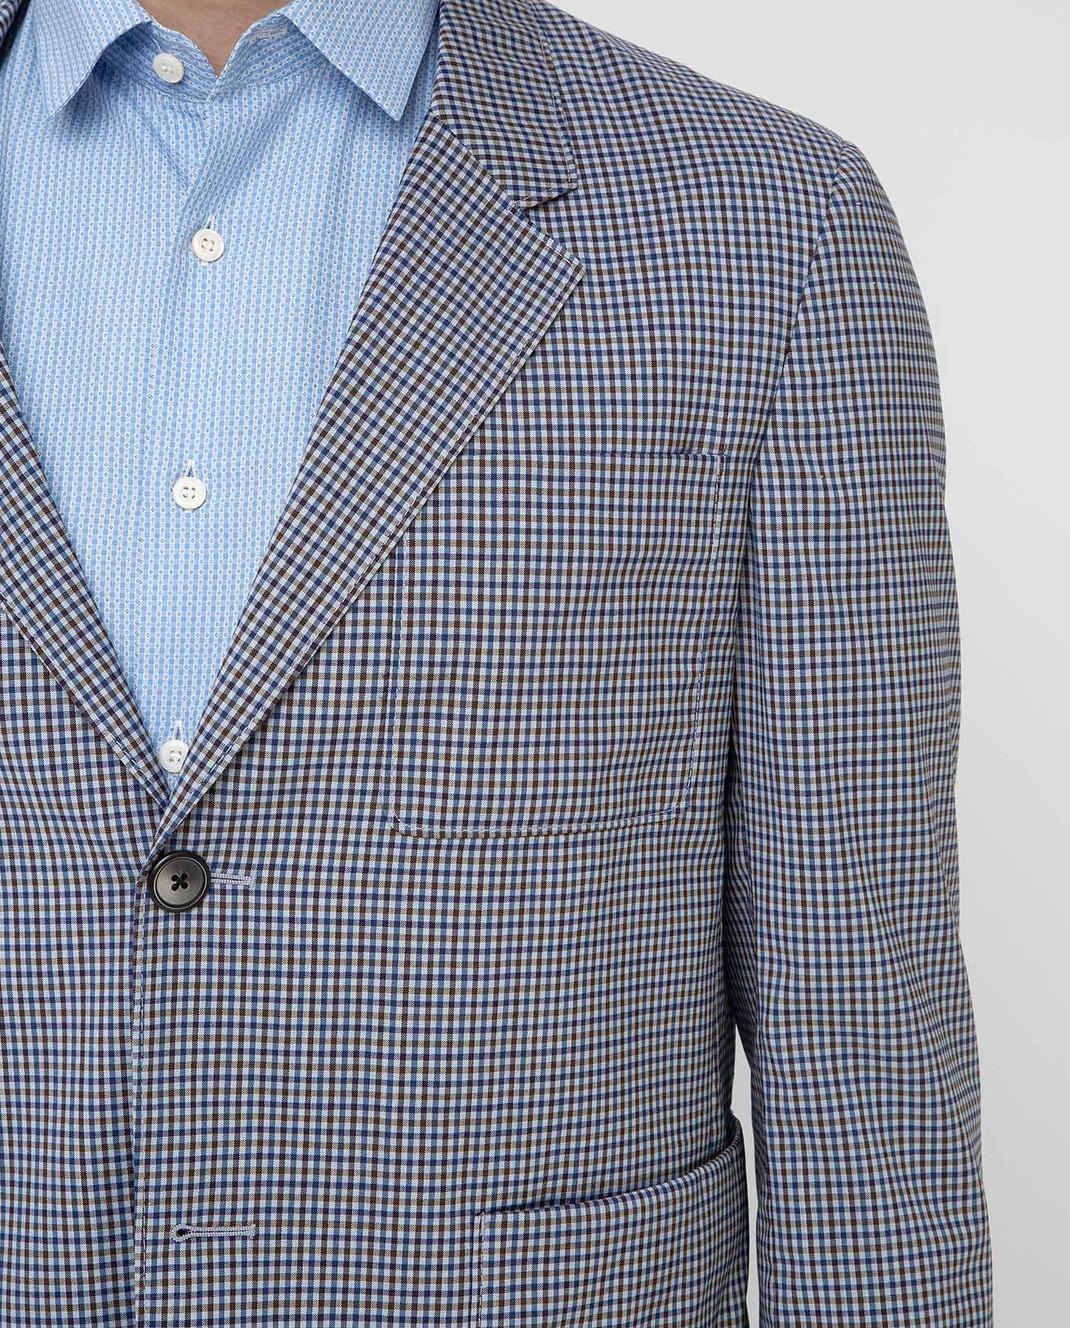 Prada Синий блейзер из шерсти изображение 5